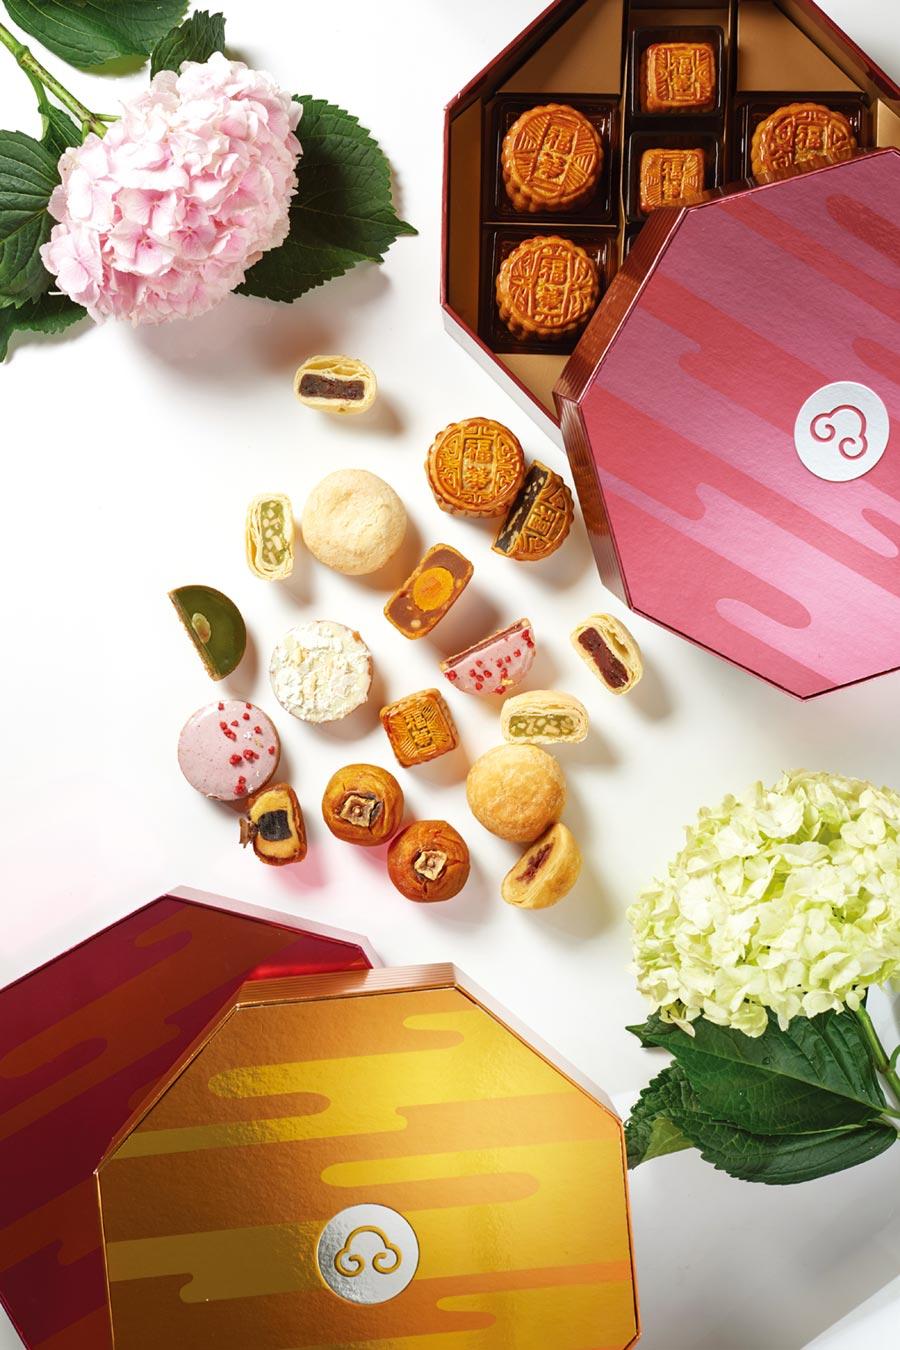 台北福華今年中秋月餅,除了蘇式、廣式等傳統不敗款,新推出法式月餅,把歐式點心也變成中秋送禮新寵。圖/業者提供